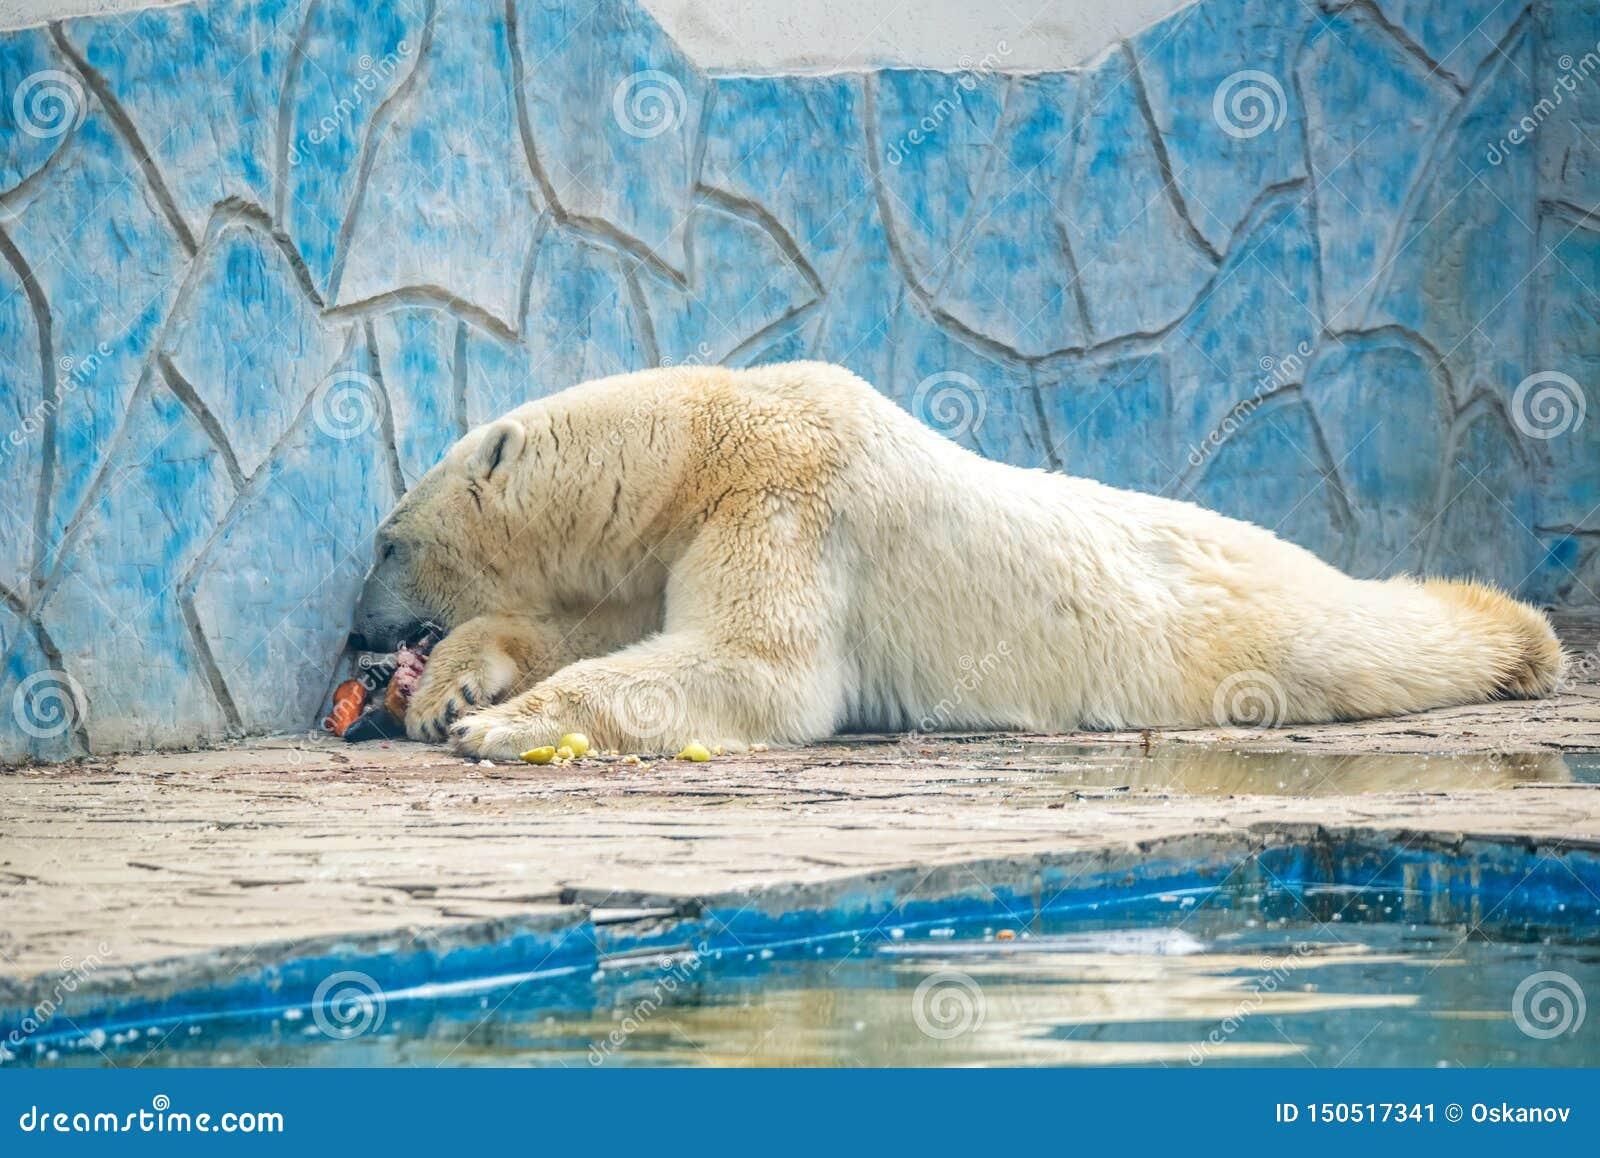 Eisbär oder Ursus maritimus in der Gefangenschaft isst Fleisch nahe bei Pool